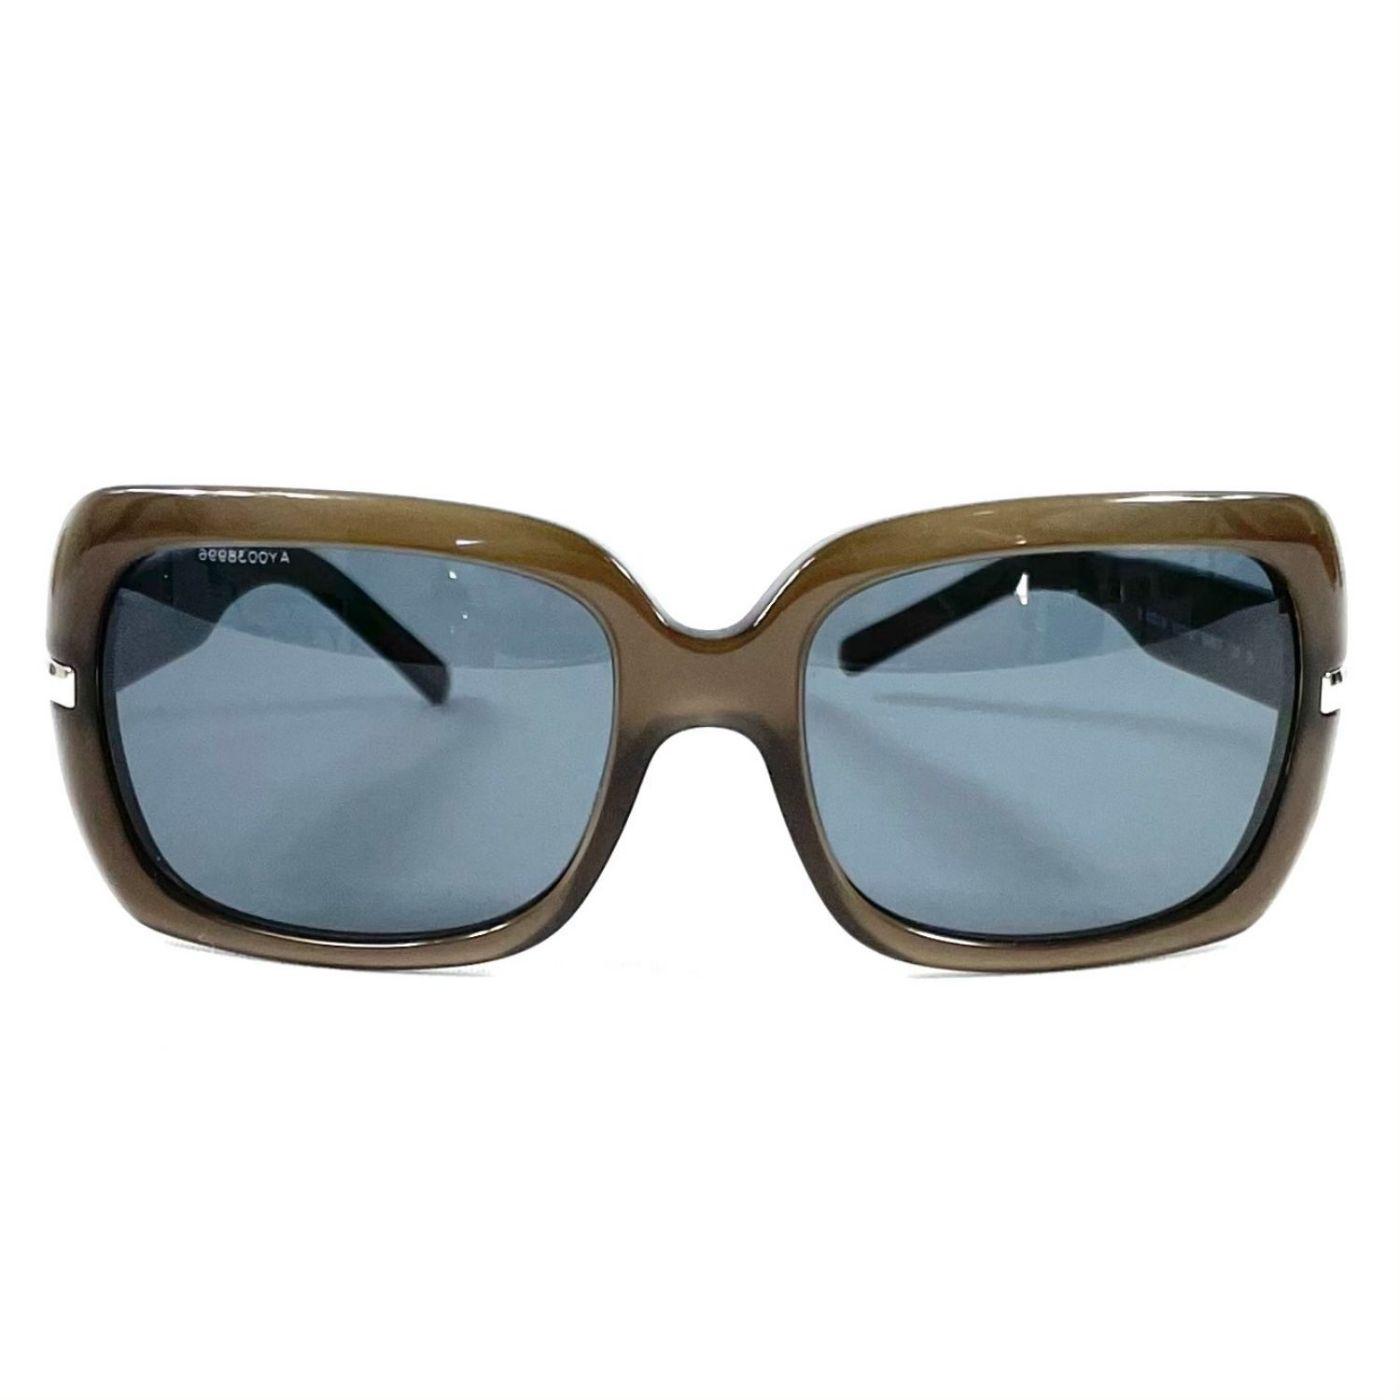 Óculos Burberry B 4020-B Cinza